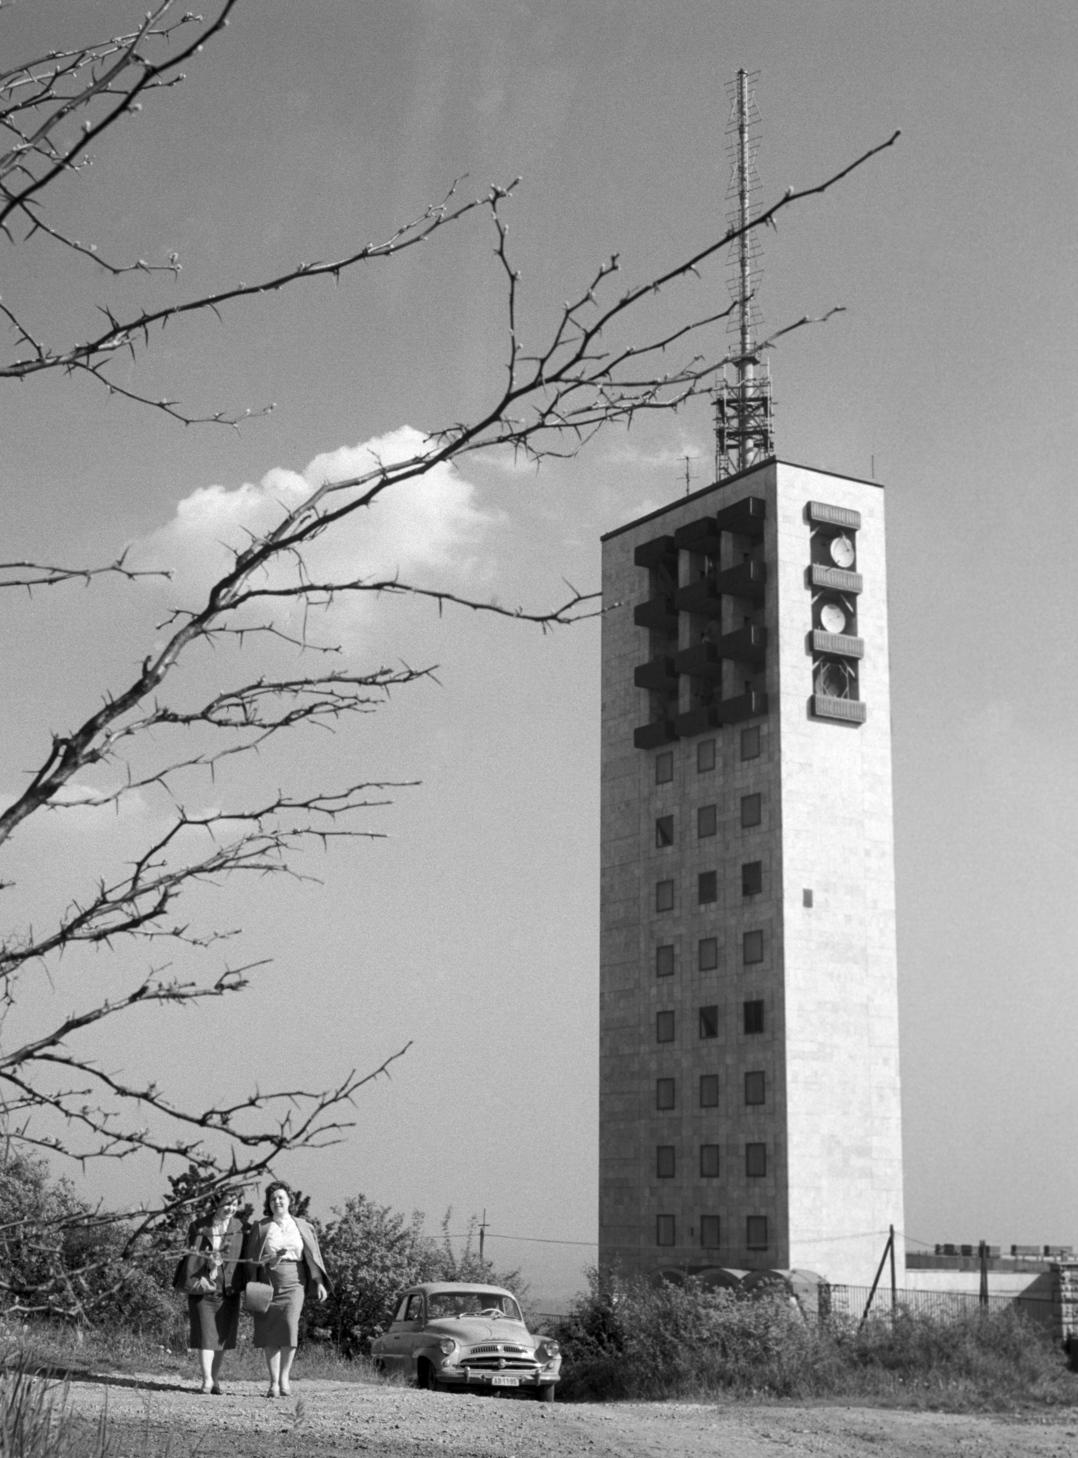 A Televízió adótornya a Széchenyi-hegyen (Fotó:  MTI/Lajos György,1960)